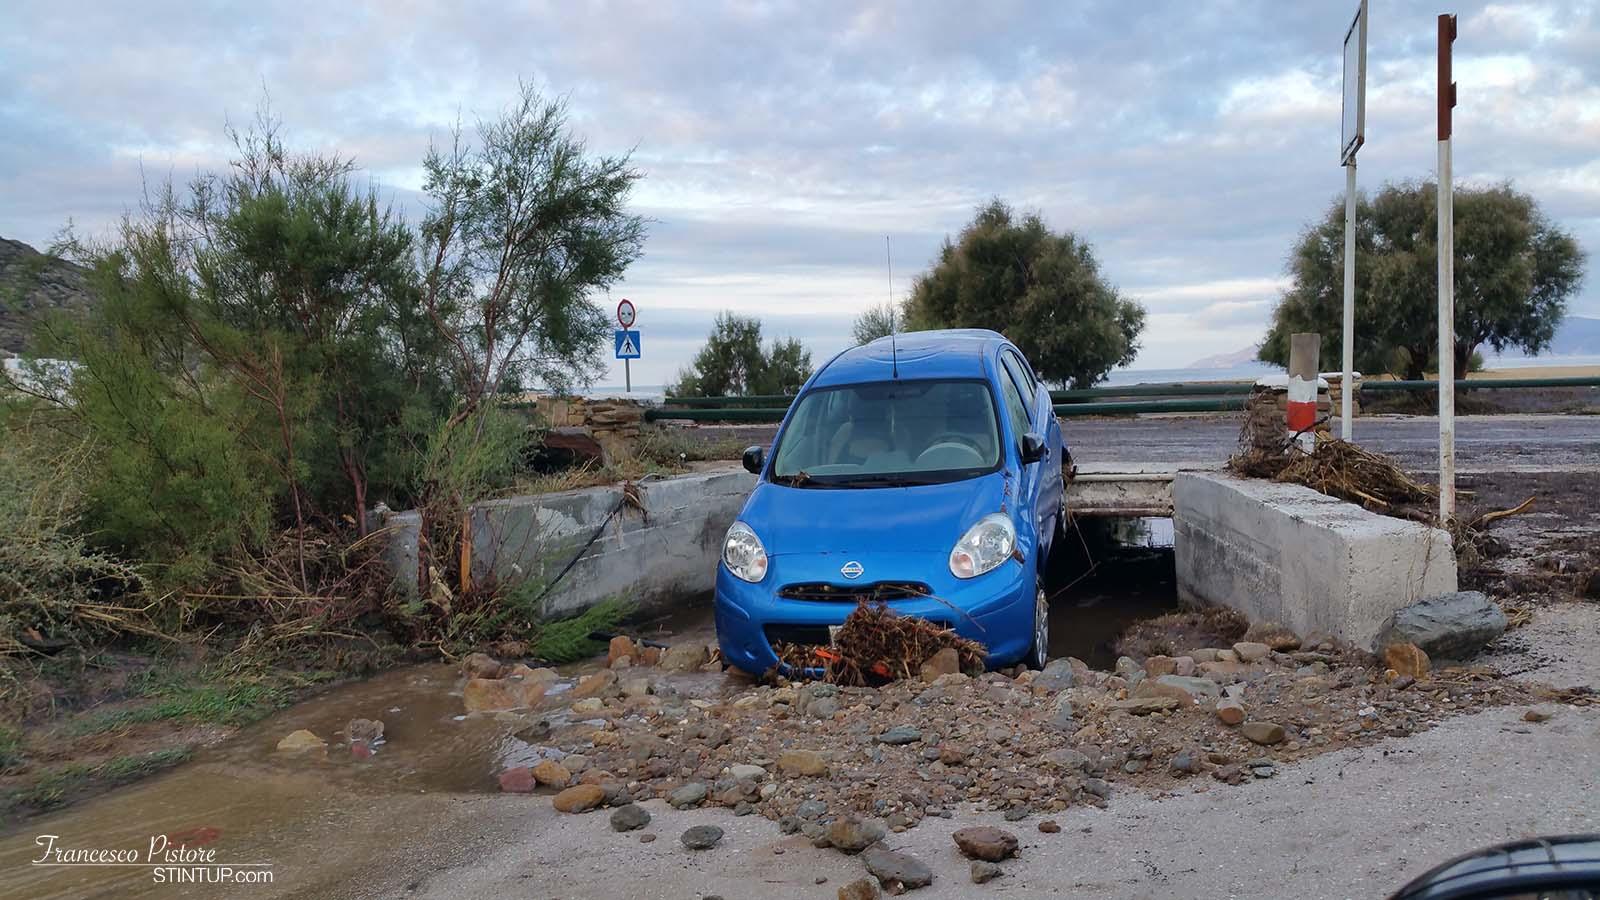 La povera macchina parcheggiata di fronte all'hotel e trascinata dall'acqua sino alla spiaggia